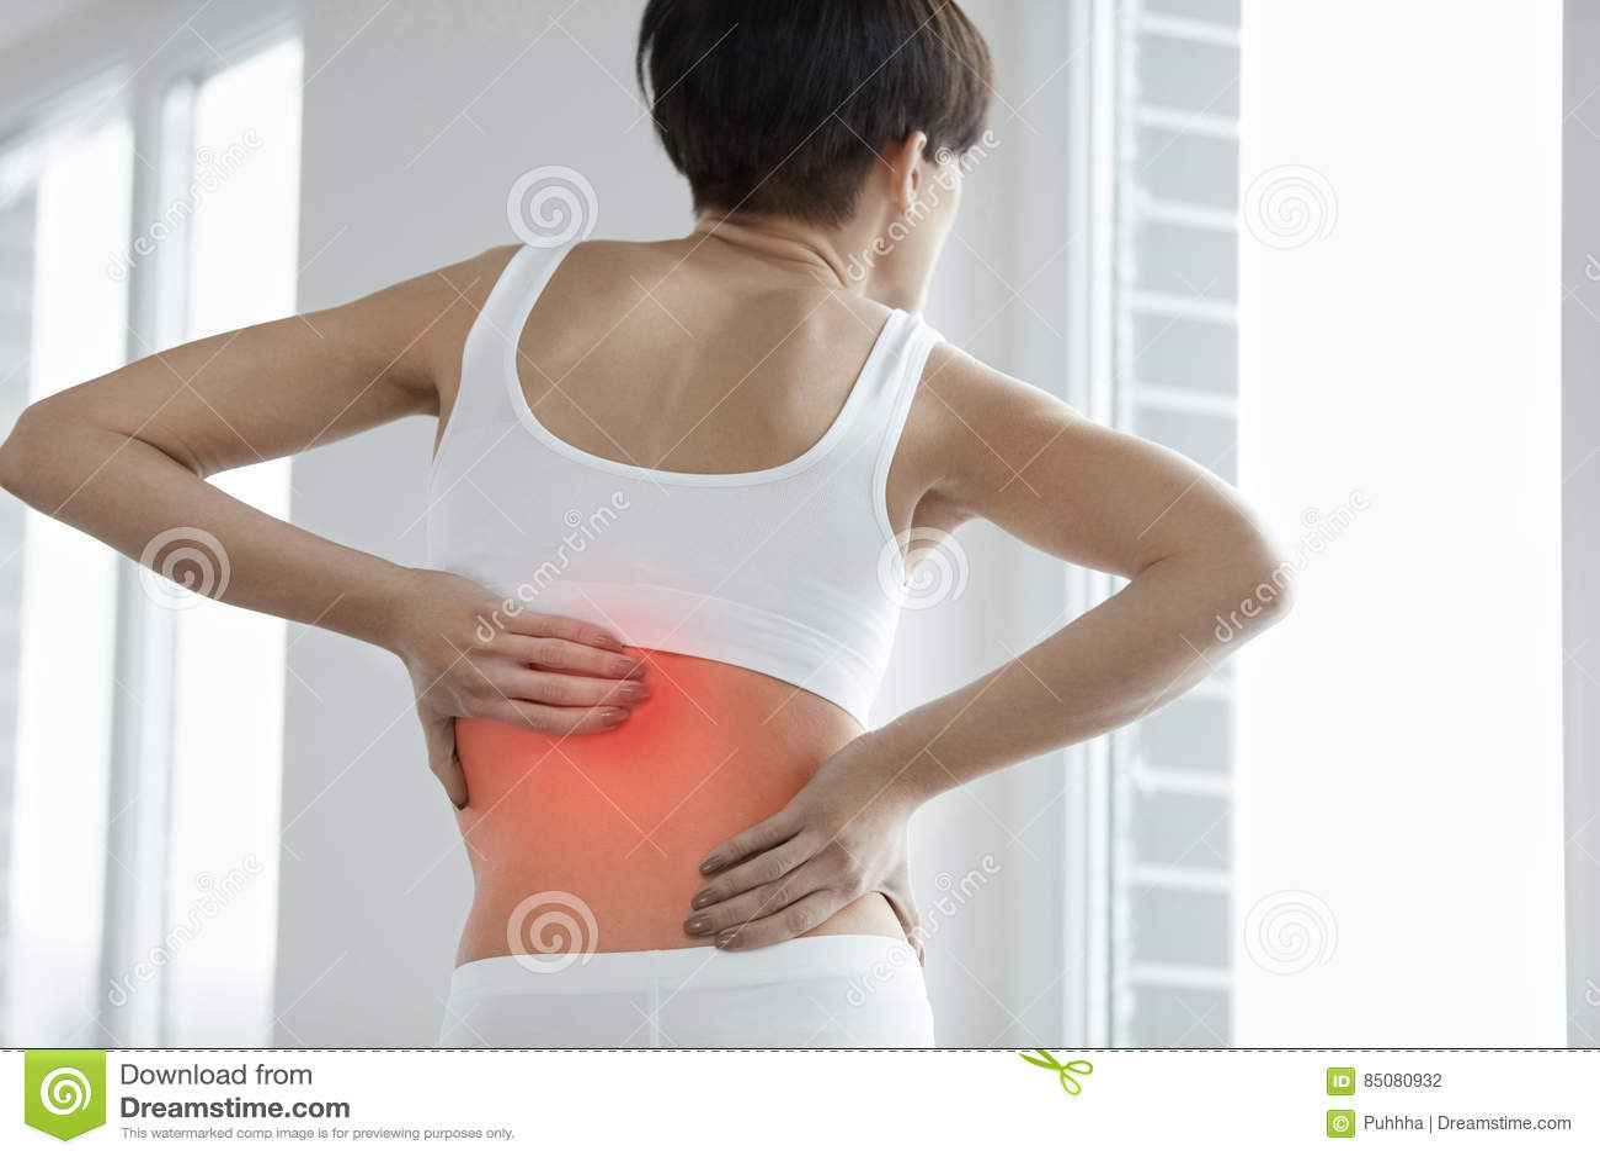 Rückseitige Schmerz Nahaufnahme des Frauen-Körpers mit Schmerz-herein Rückseite, Rückenschmerzen